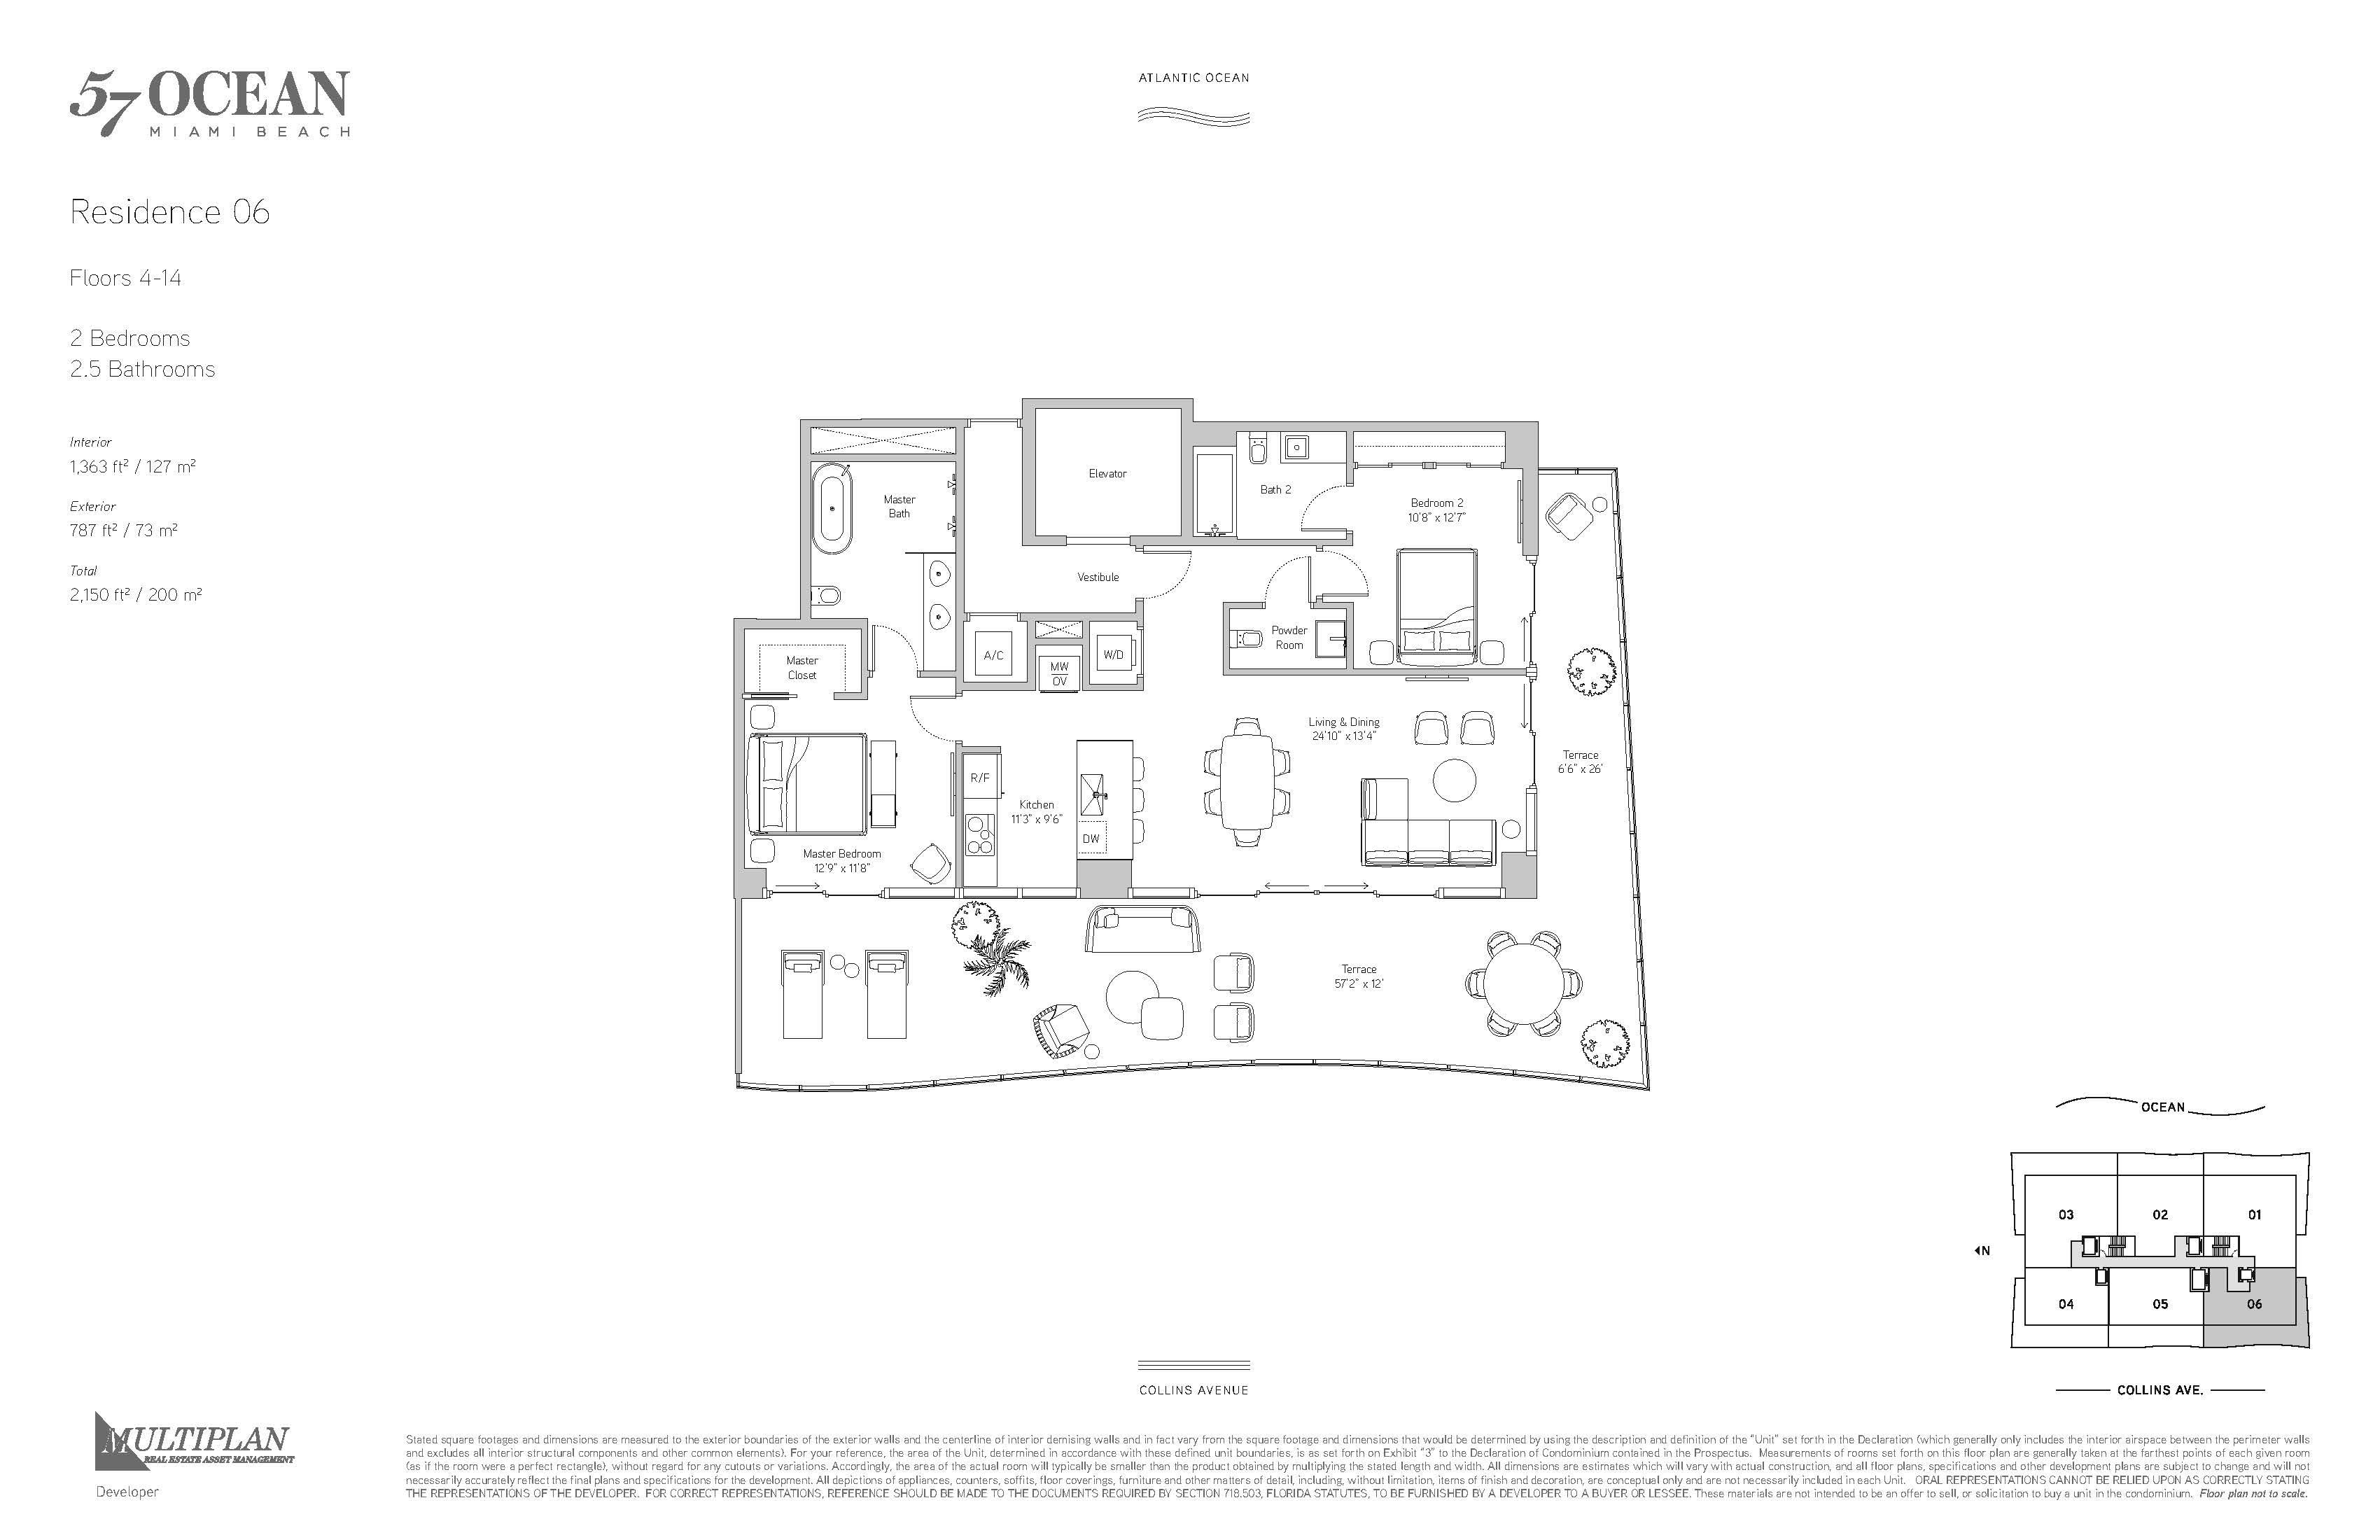 57 Ocean Condo - 2 Bedroom - 06-Line